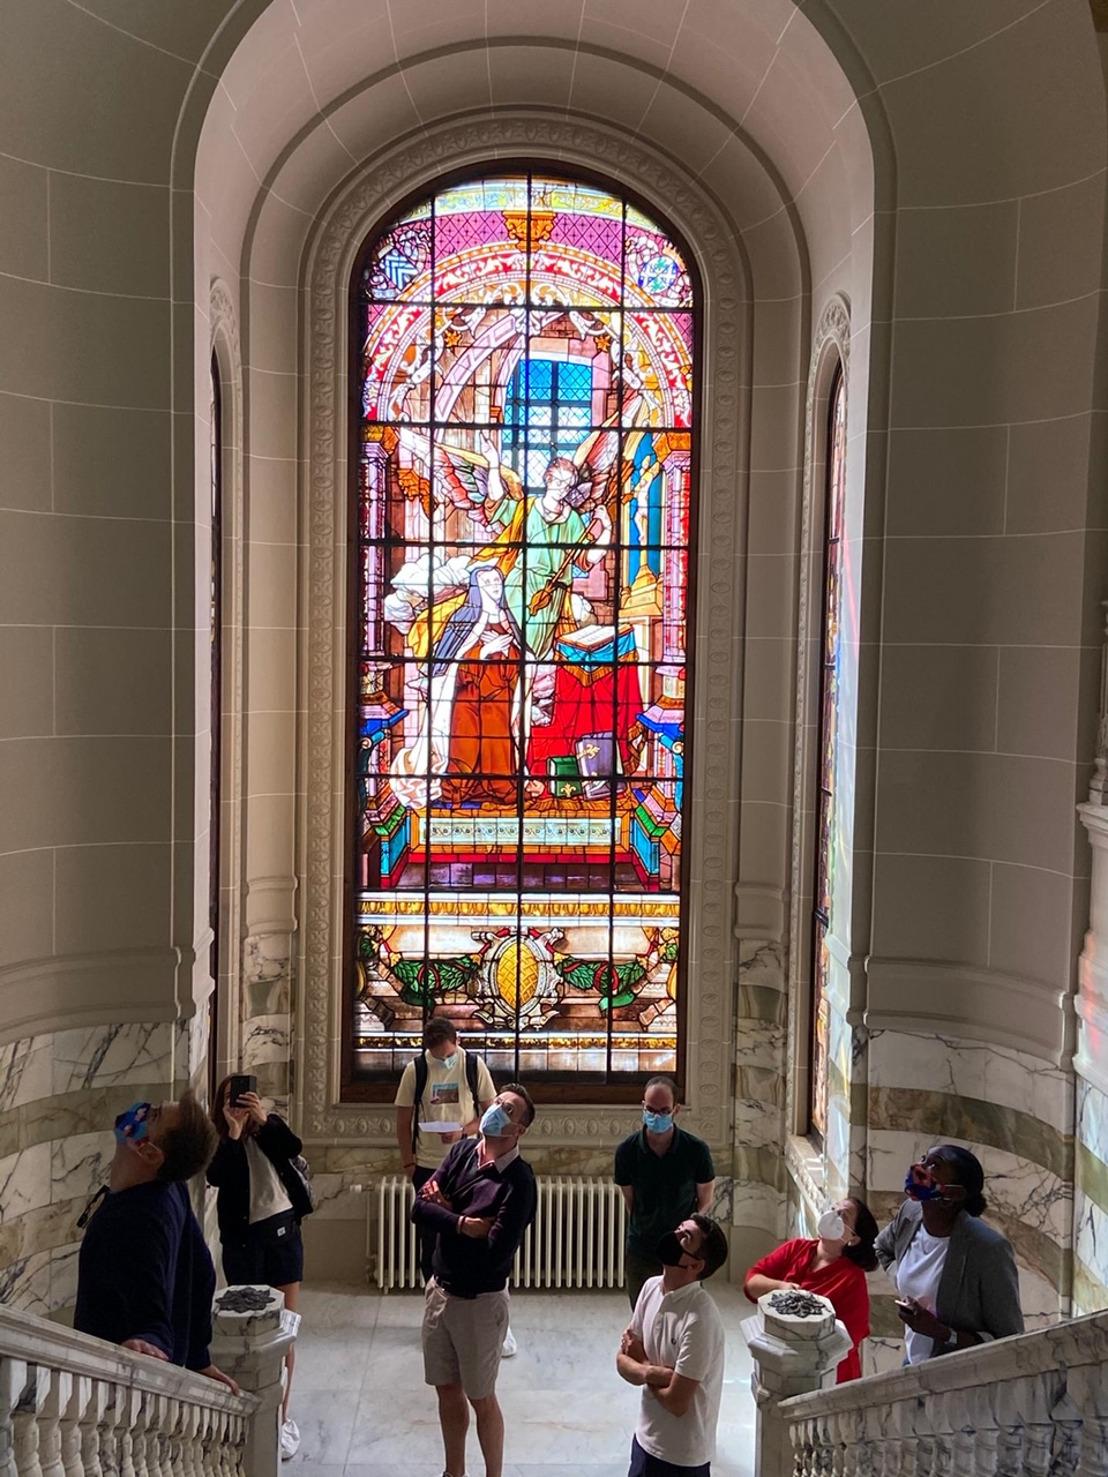 De Open Monumentendagen van het Brussels Hoofdstedelijk Gewest – in 2020 in het teken van 'Kleur' – hebben een ongelofelijk succes geoogst